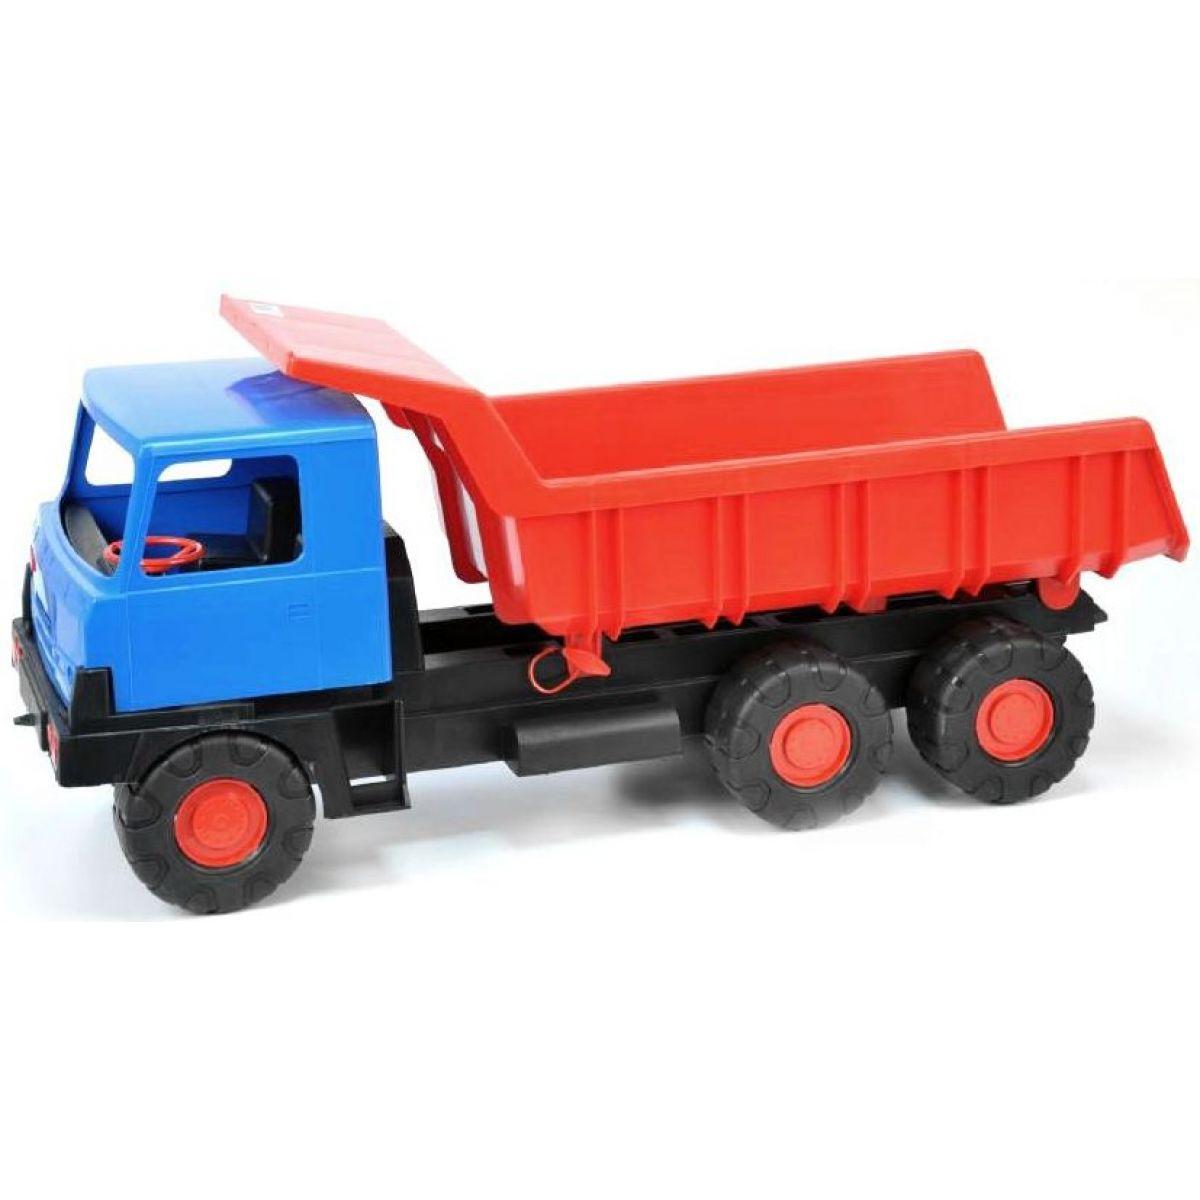 Tatra 815 Korba červená kabina modrá 75 cm